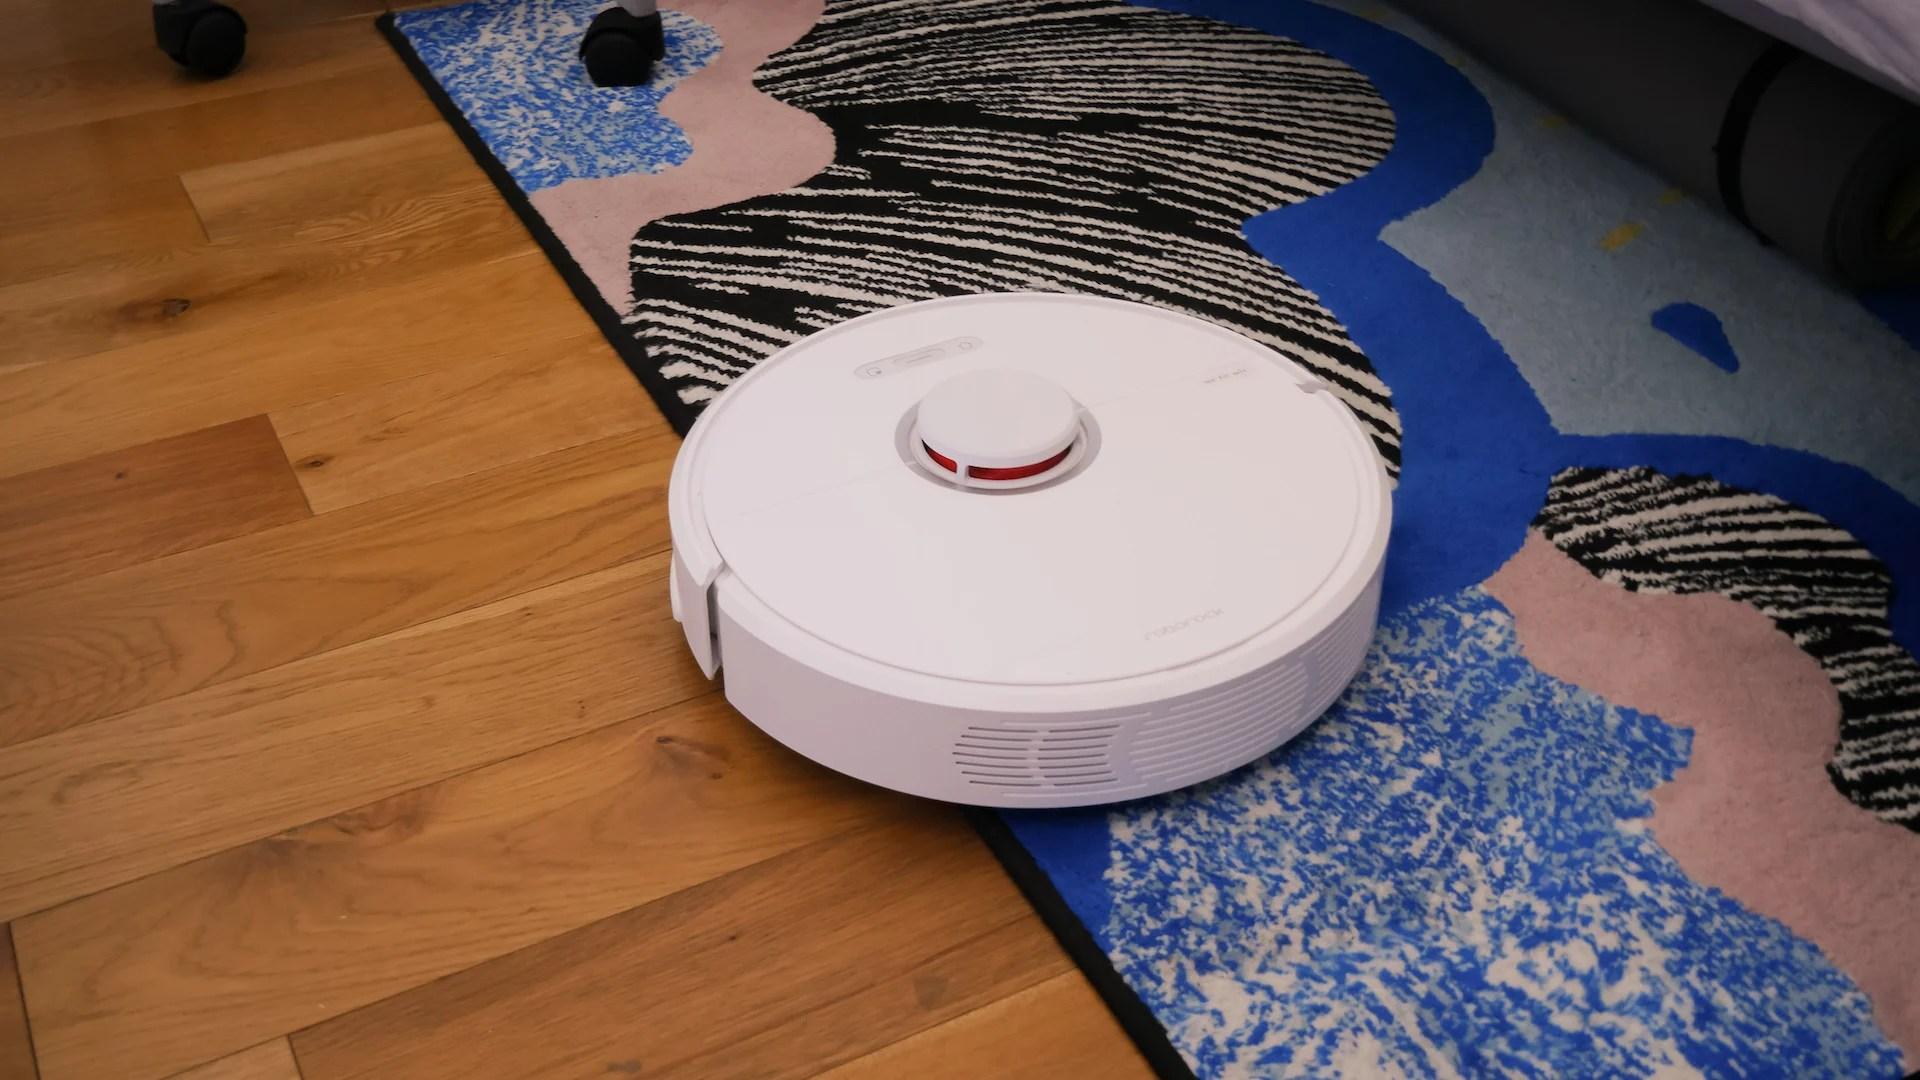 Capteurs, lasers, algorithmes : quelles sont les technologies qui permettent aux aspirateurs robots de se débrouiller tous seuls ?